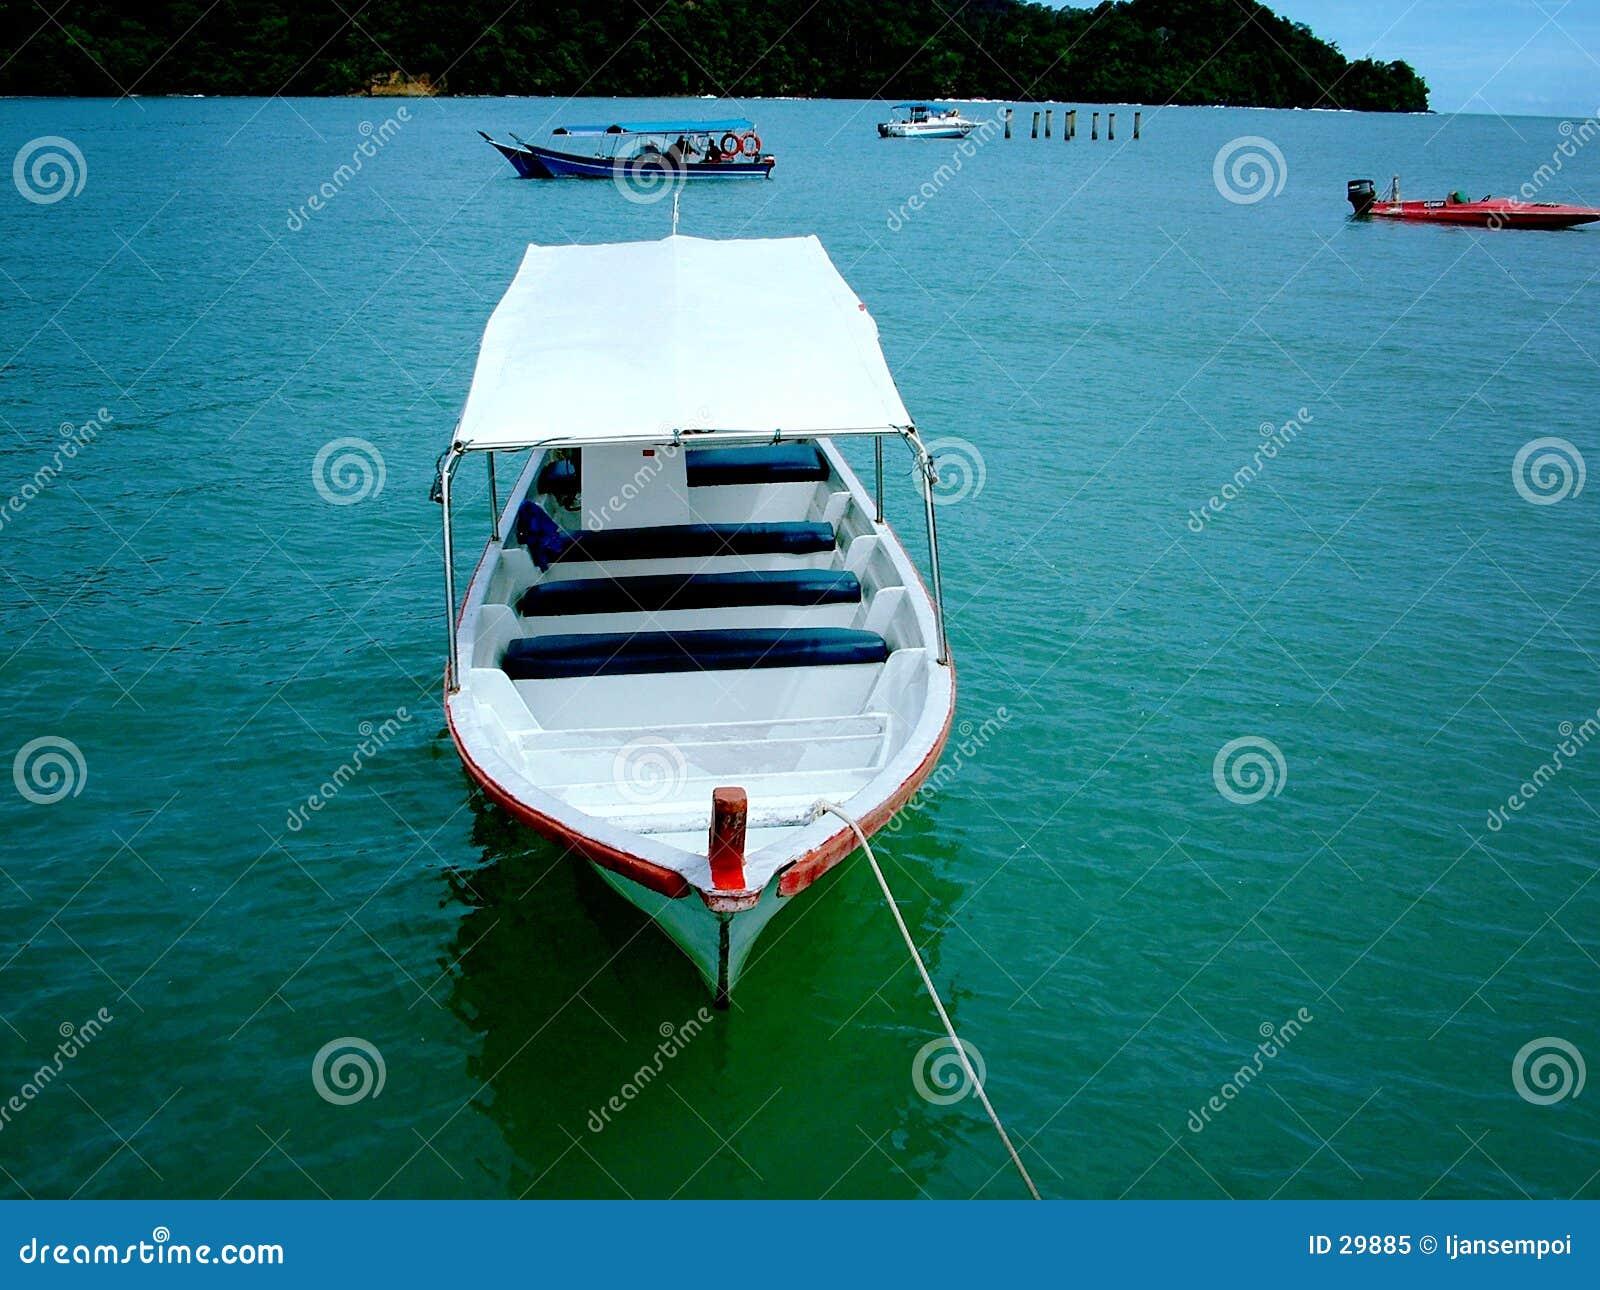 Download Bote pequeño imagen de archivo. Imagen de canoa, yate, bote - 29885